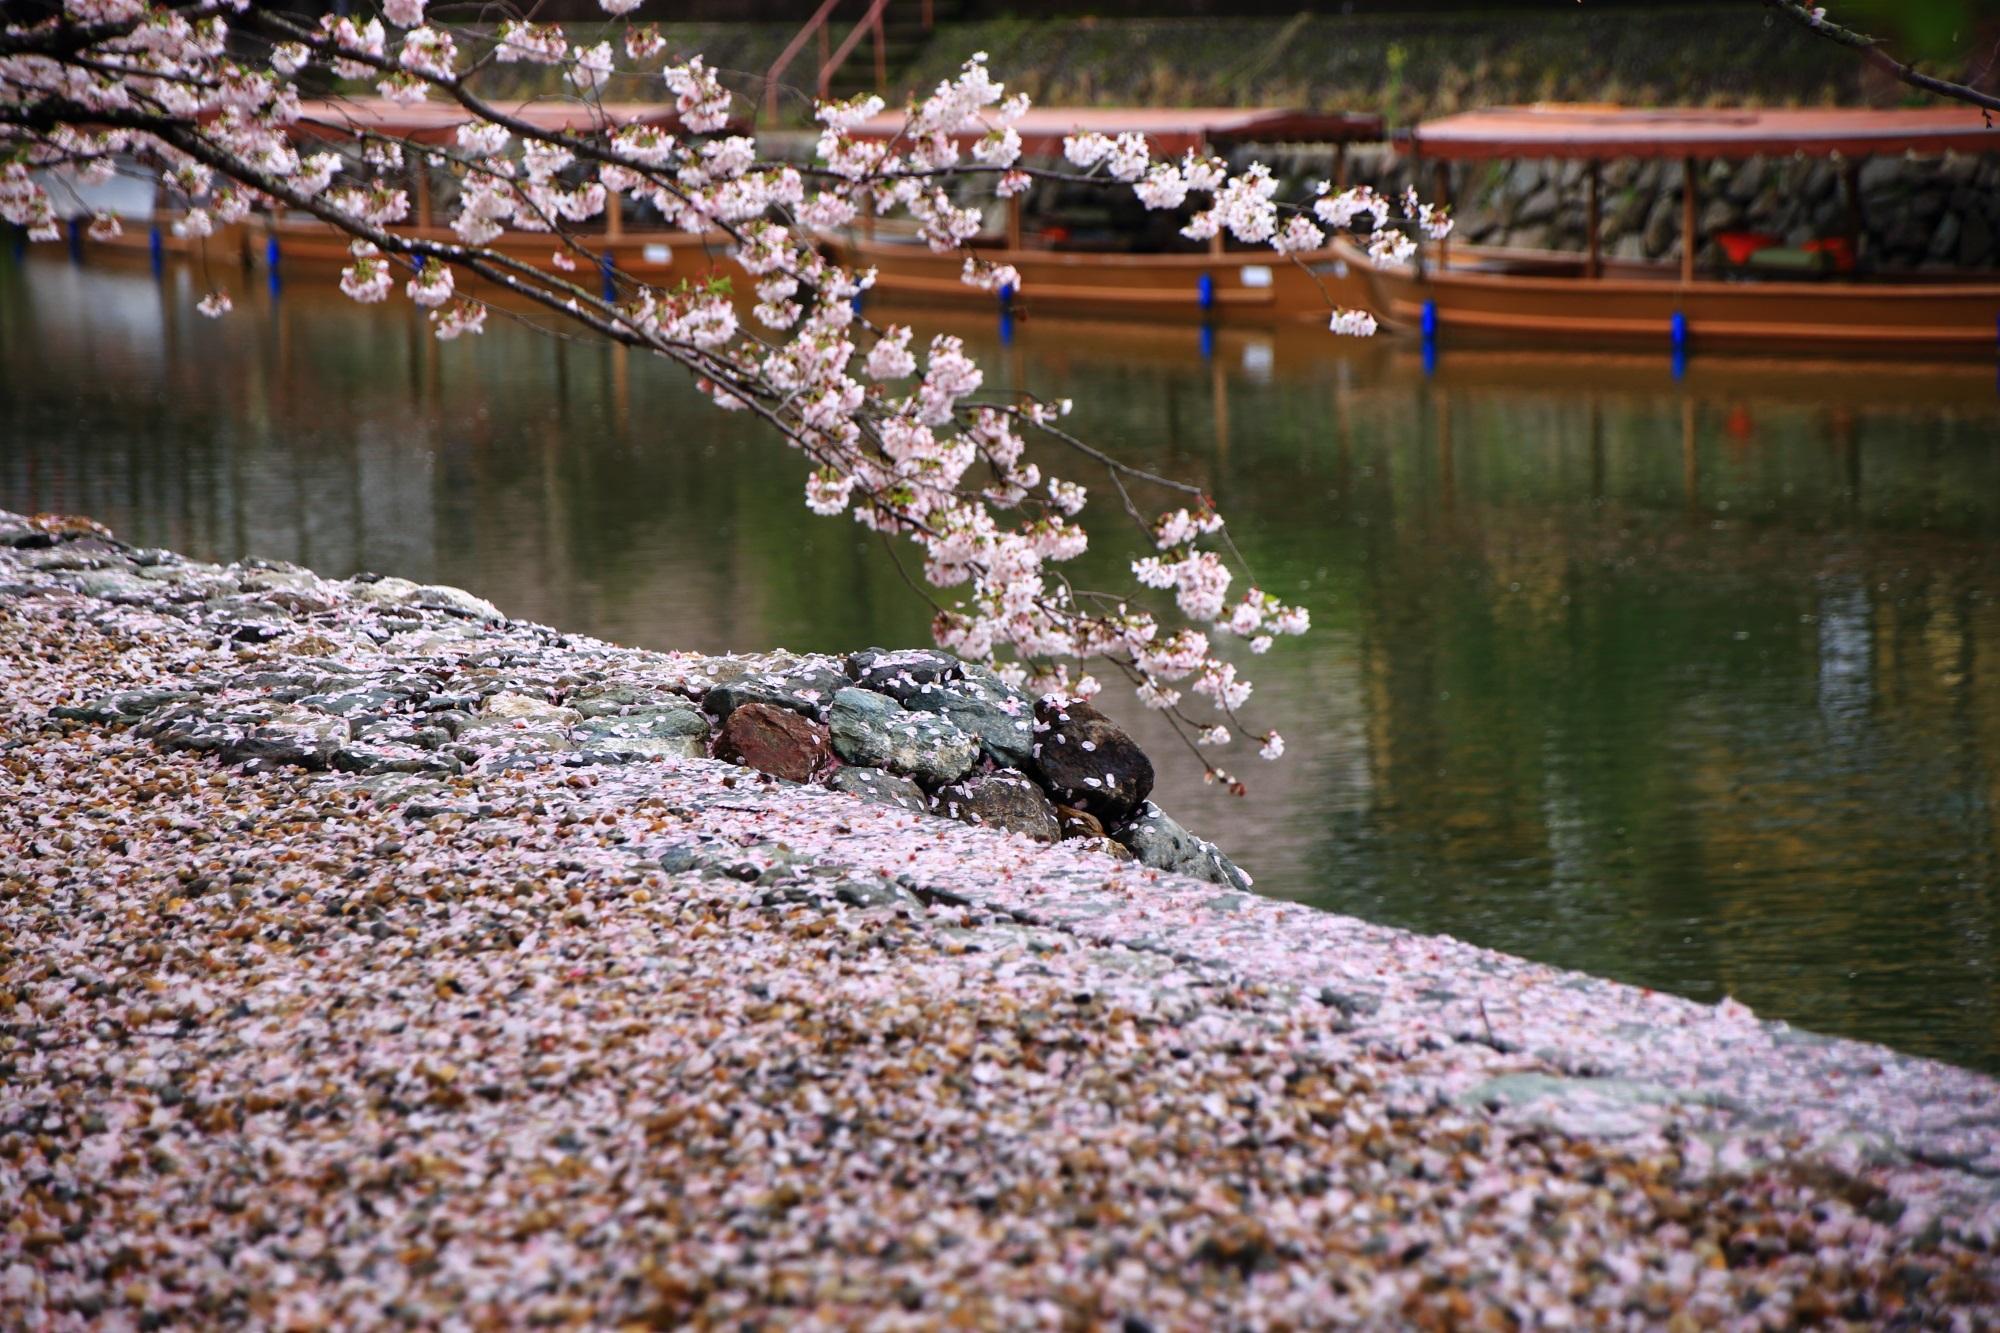 風情ある水辺を彩る桜のピンクの花びら